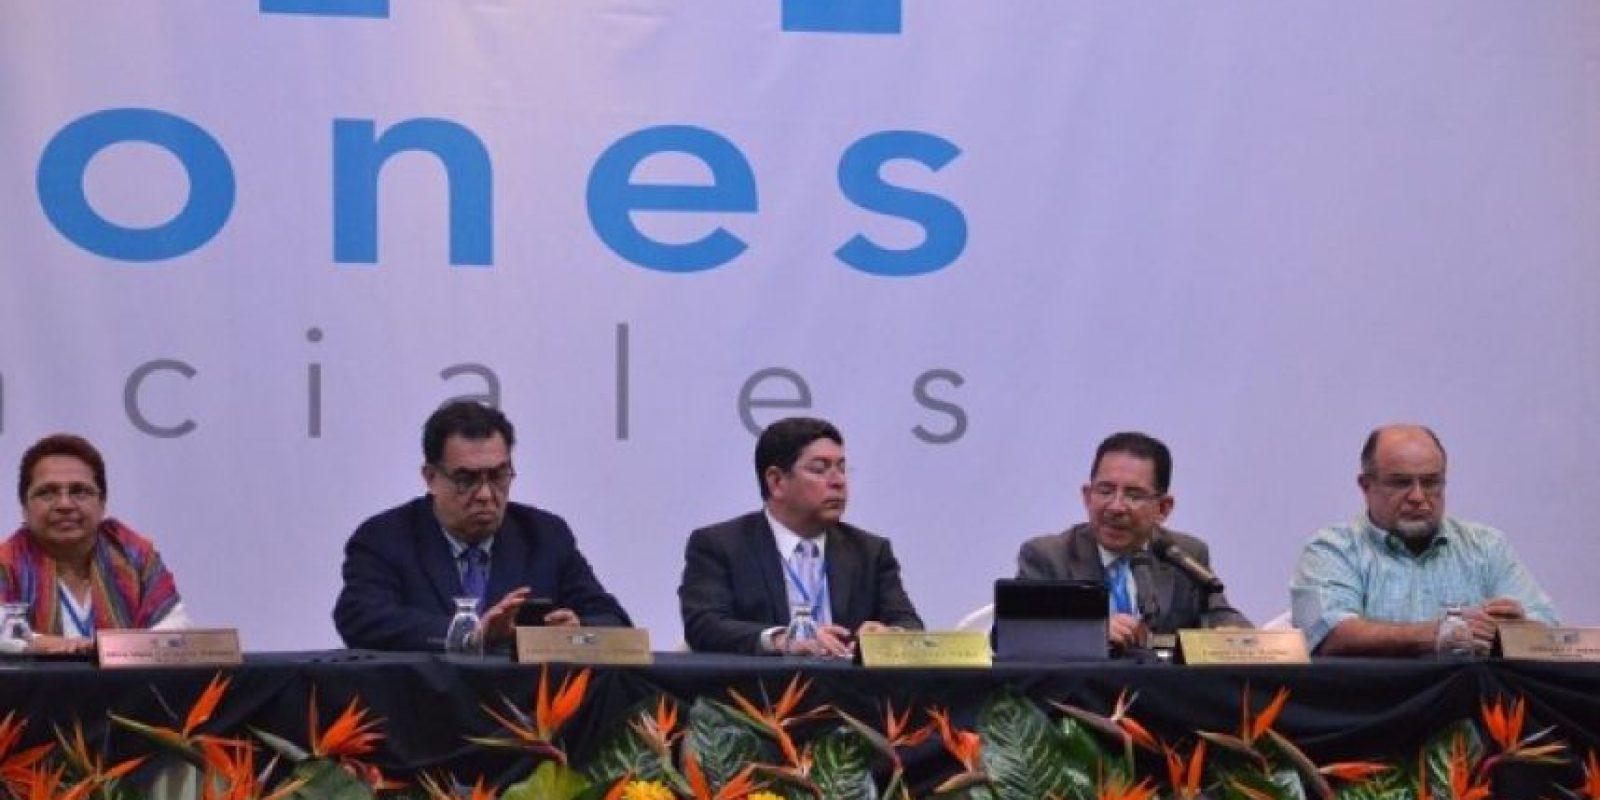 El Salvador elegirá a su presidente en segunda vuelta, de acuerdo con el candidato de izquierda, Salvador Sánchez Cerén. El TSE se abstuvo de referirse a ello. Foto:Juan José López Torres